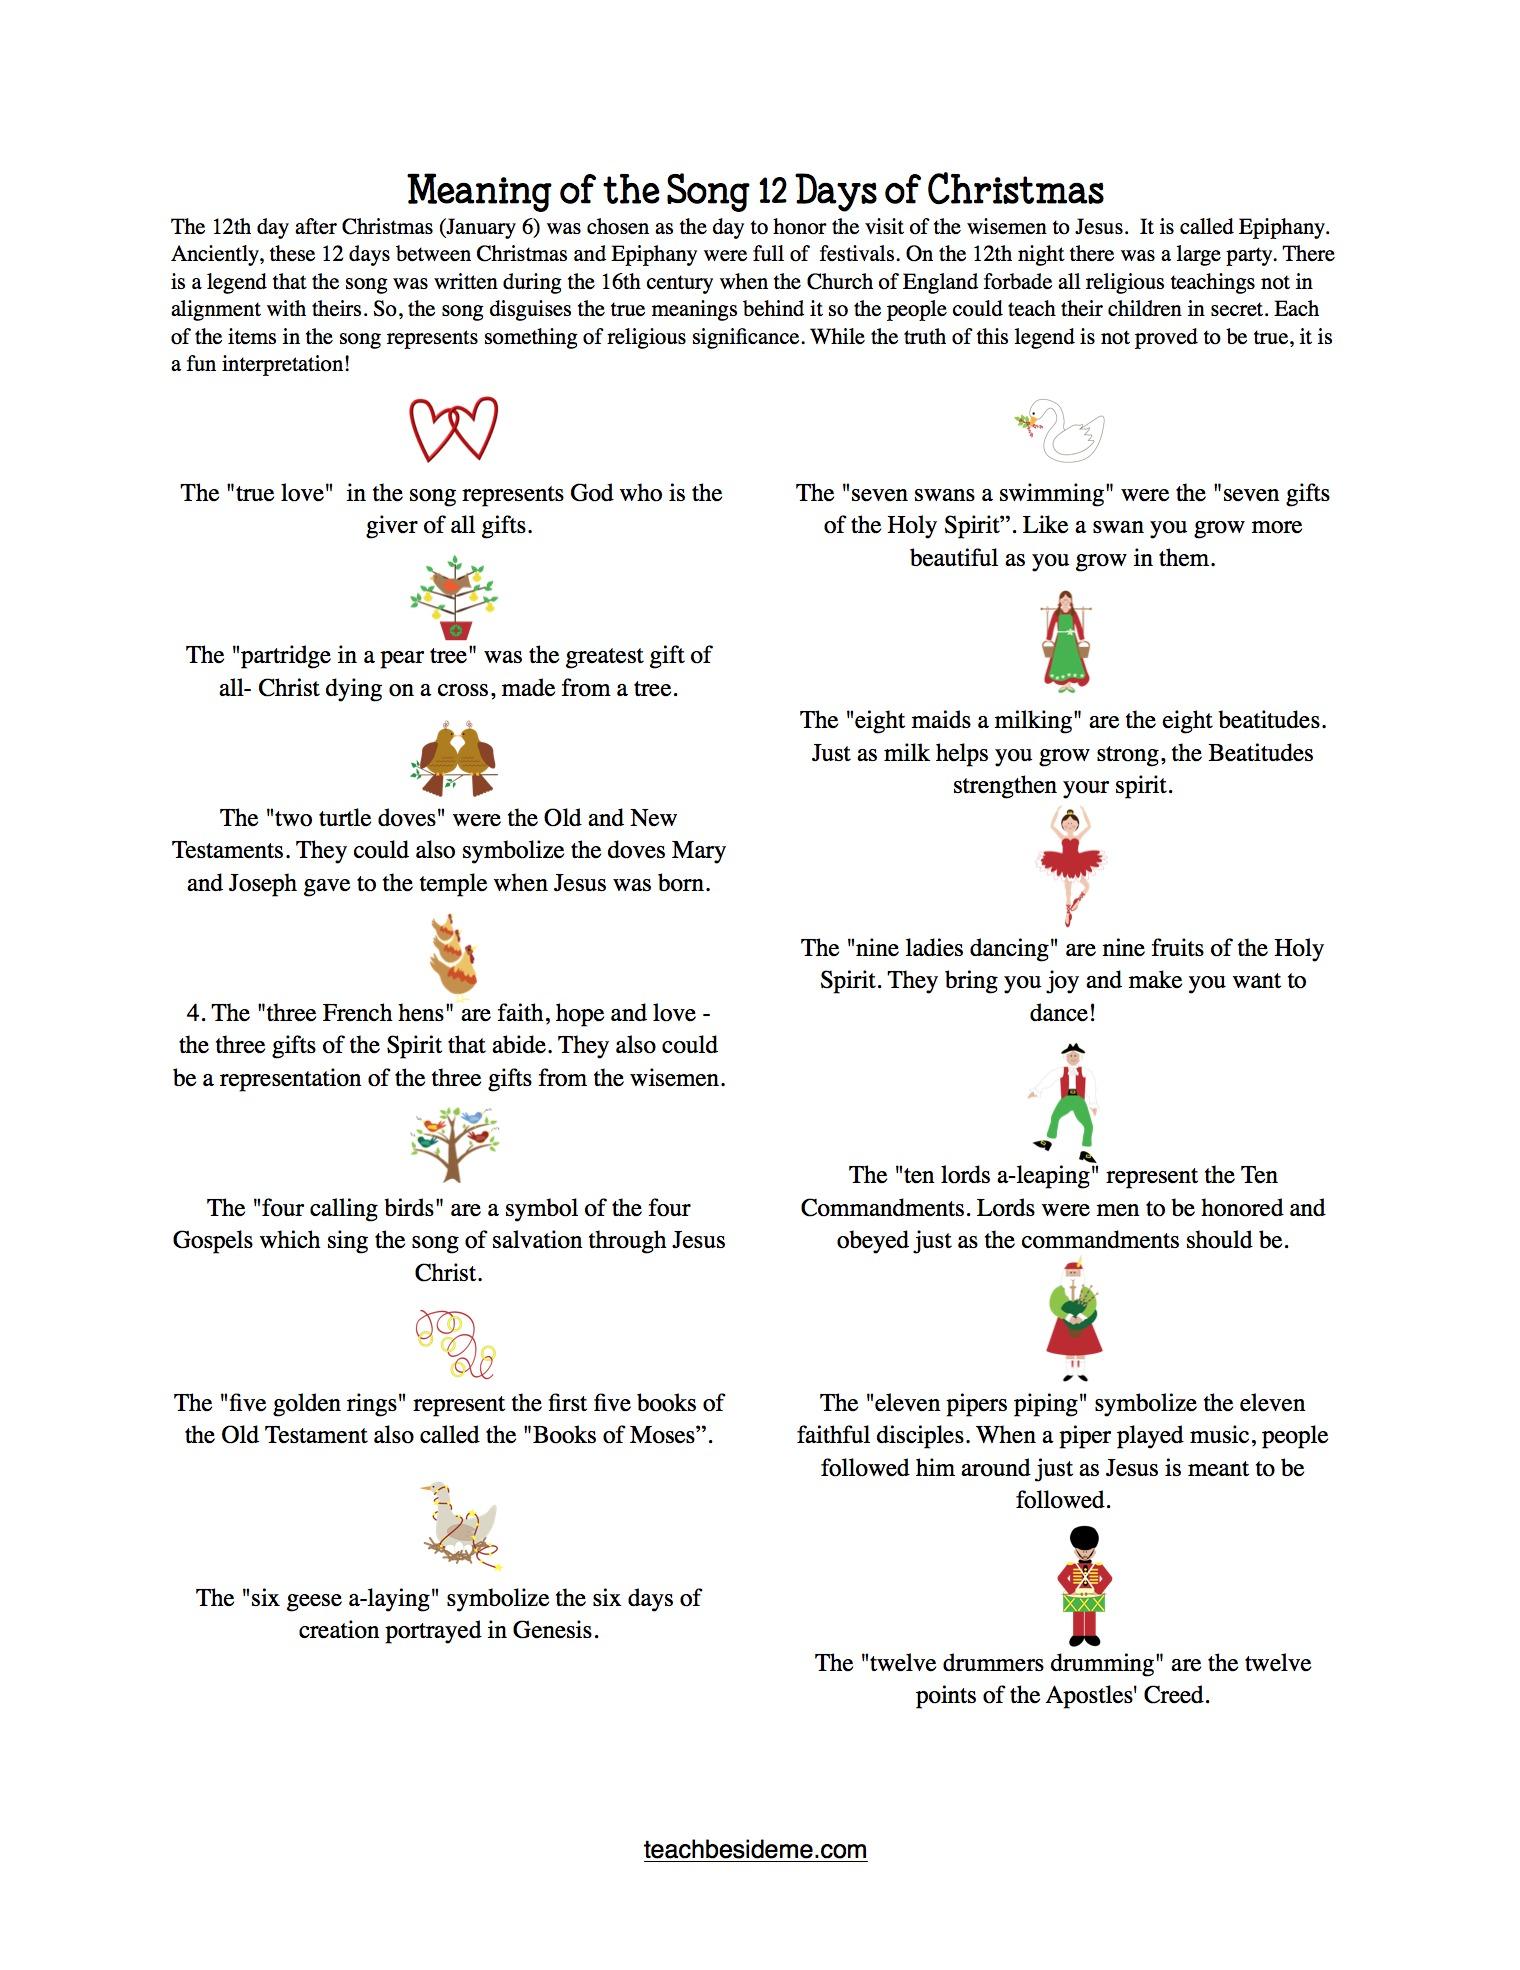 12 Days Of Christmas Printable Game